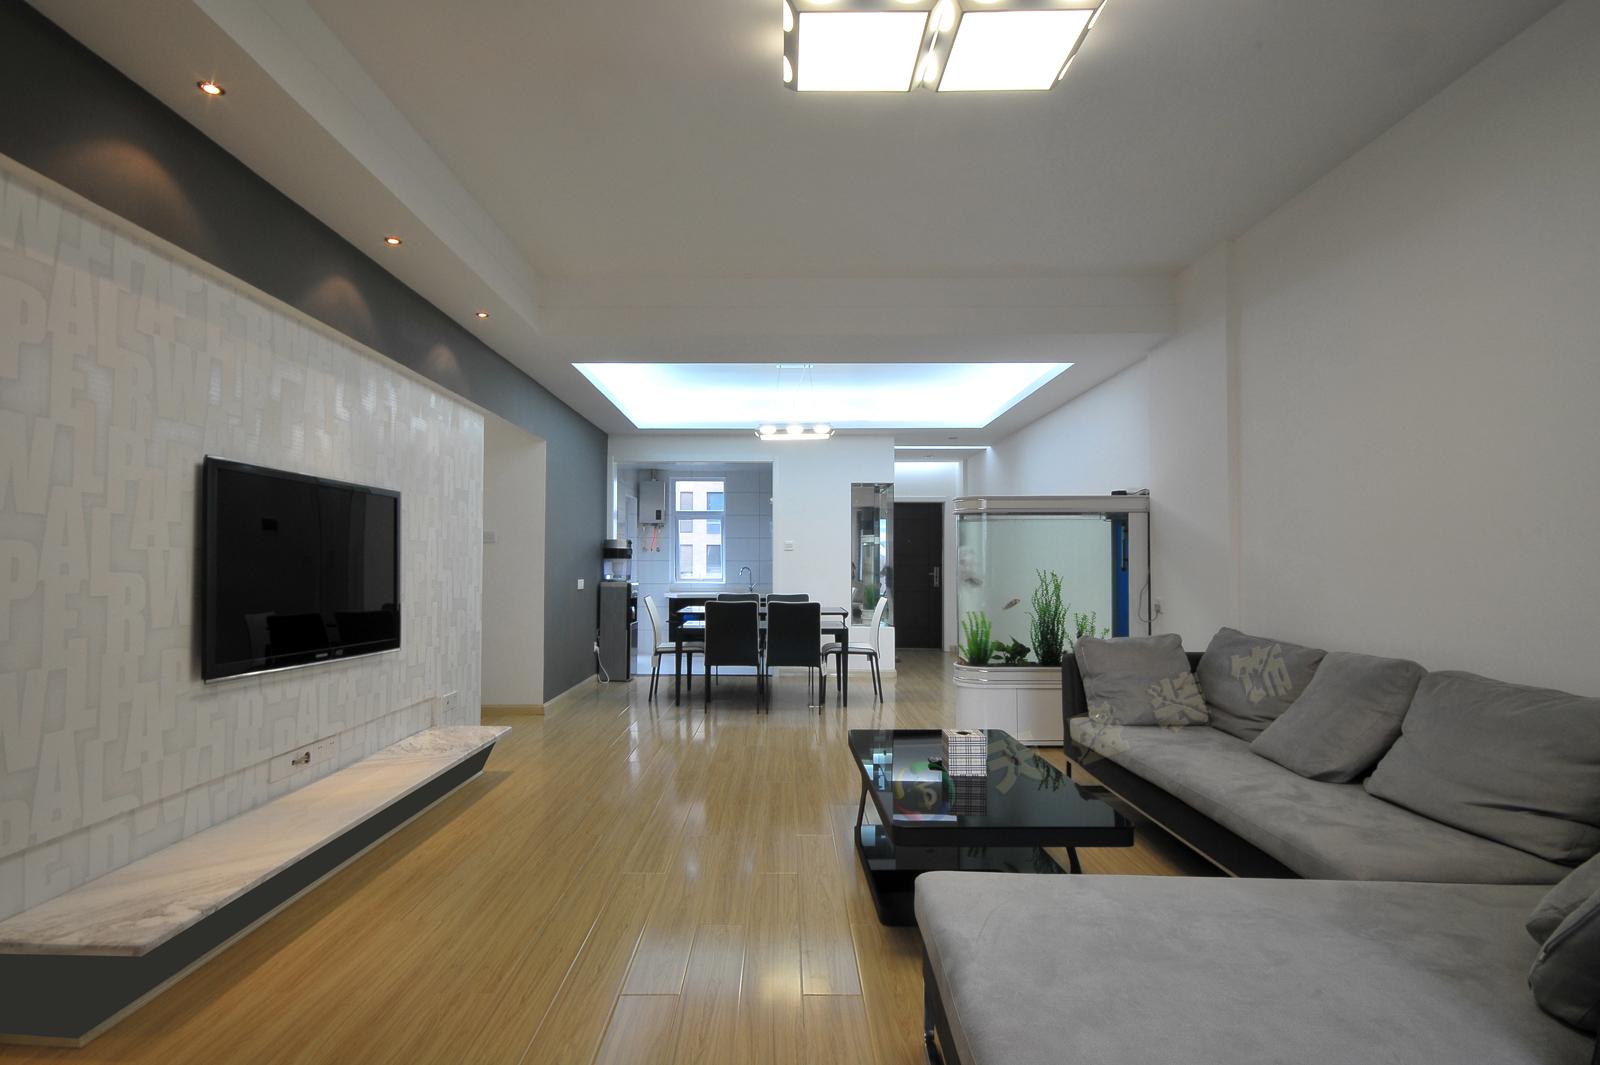 简约风格客厅电视背景墙装修效果图欣赏大全